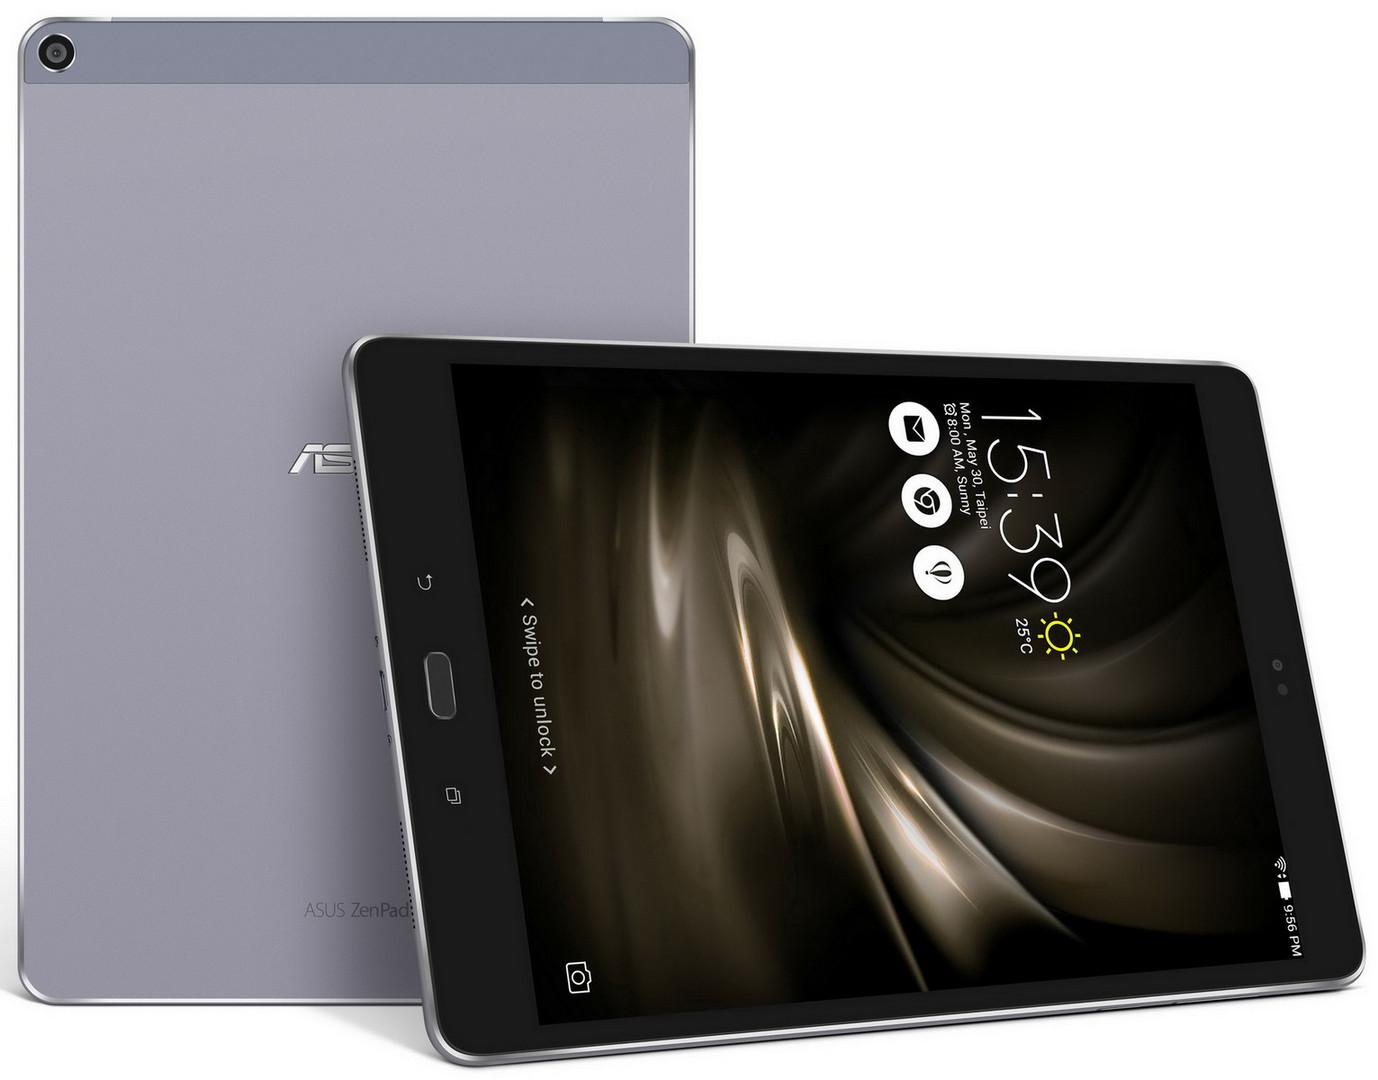 asus zenpad 3s 10 lte z500kl tablet review. Black Bedroom Furniture Sets. Home Design Ideas